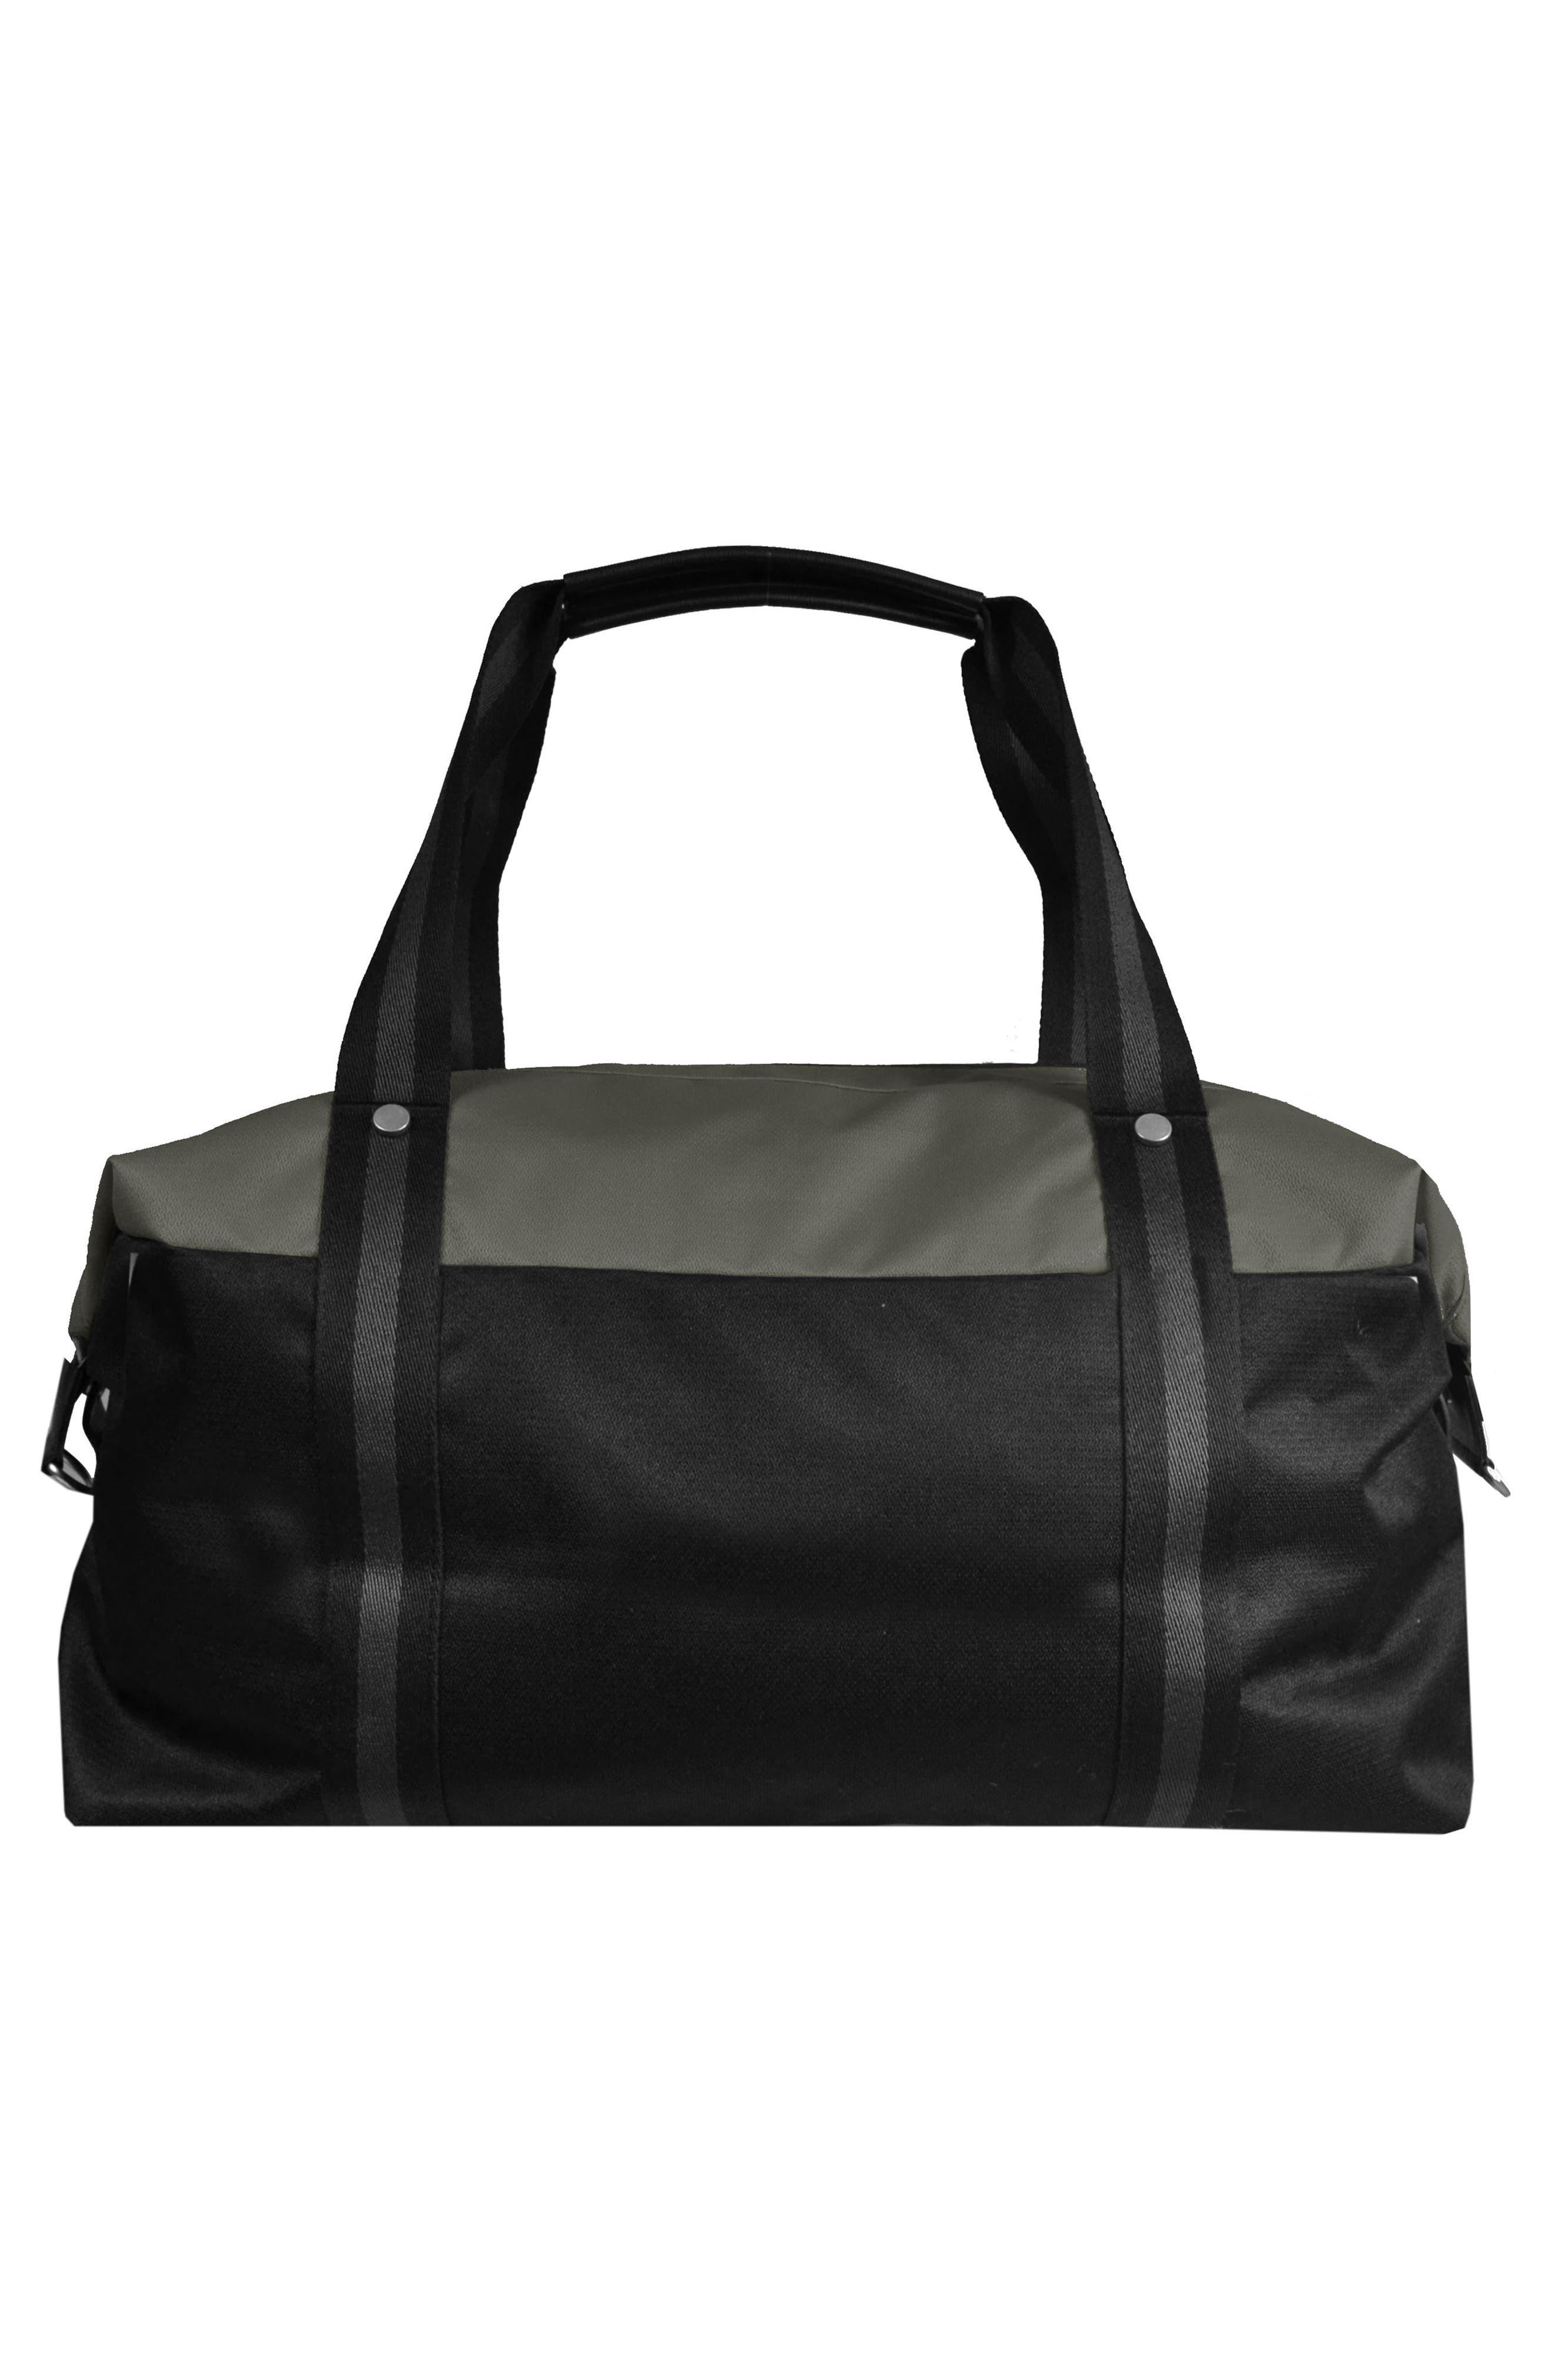 Finn Overnighter Duffel Bag,                             Alternate thumbnail 3, color,                             020